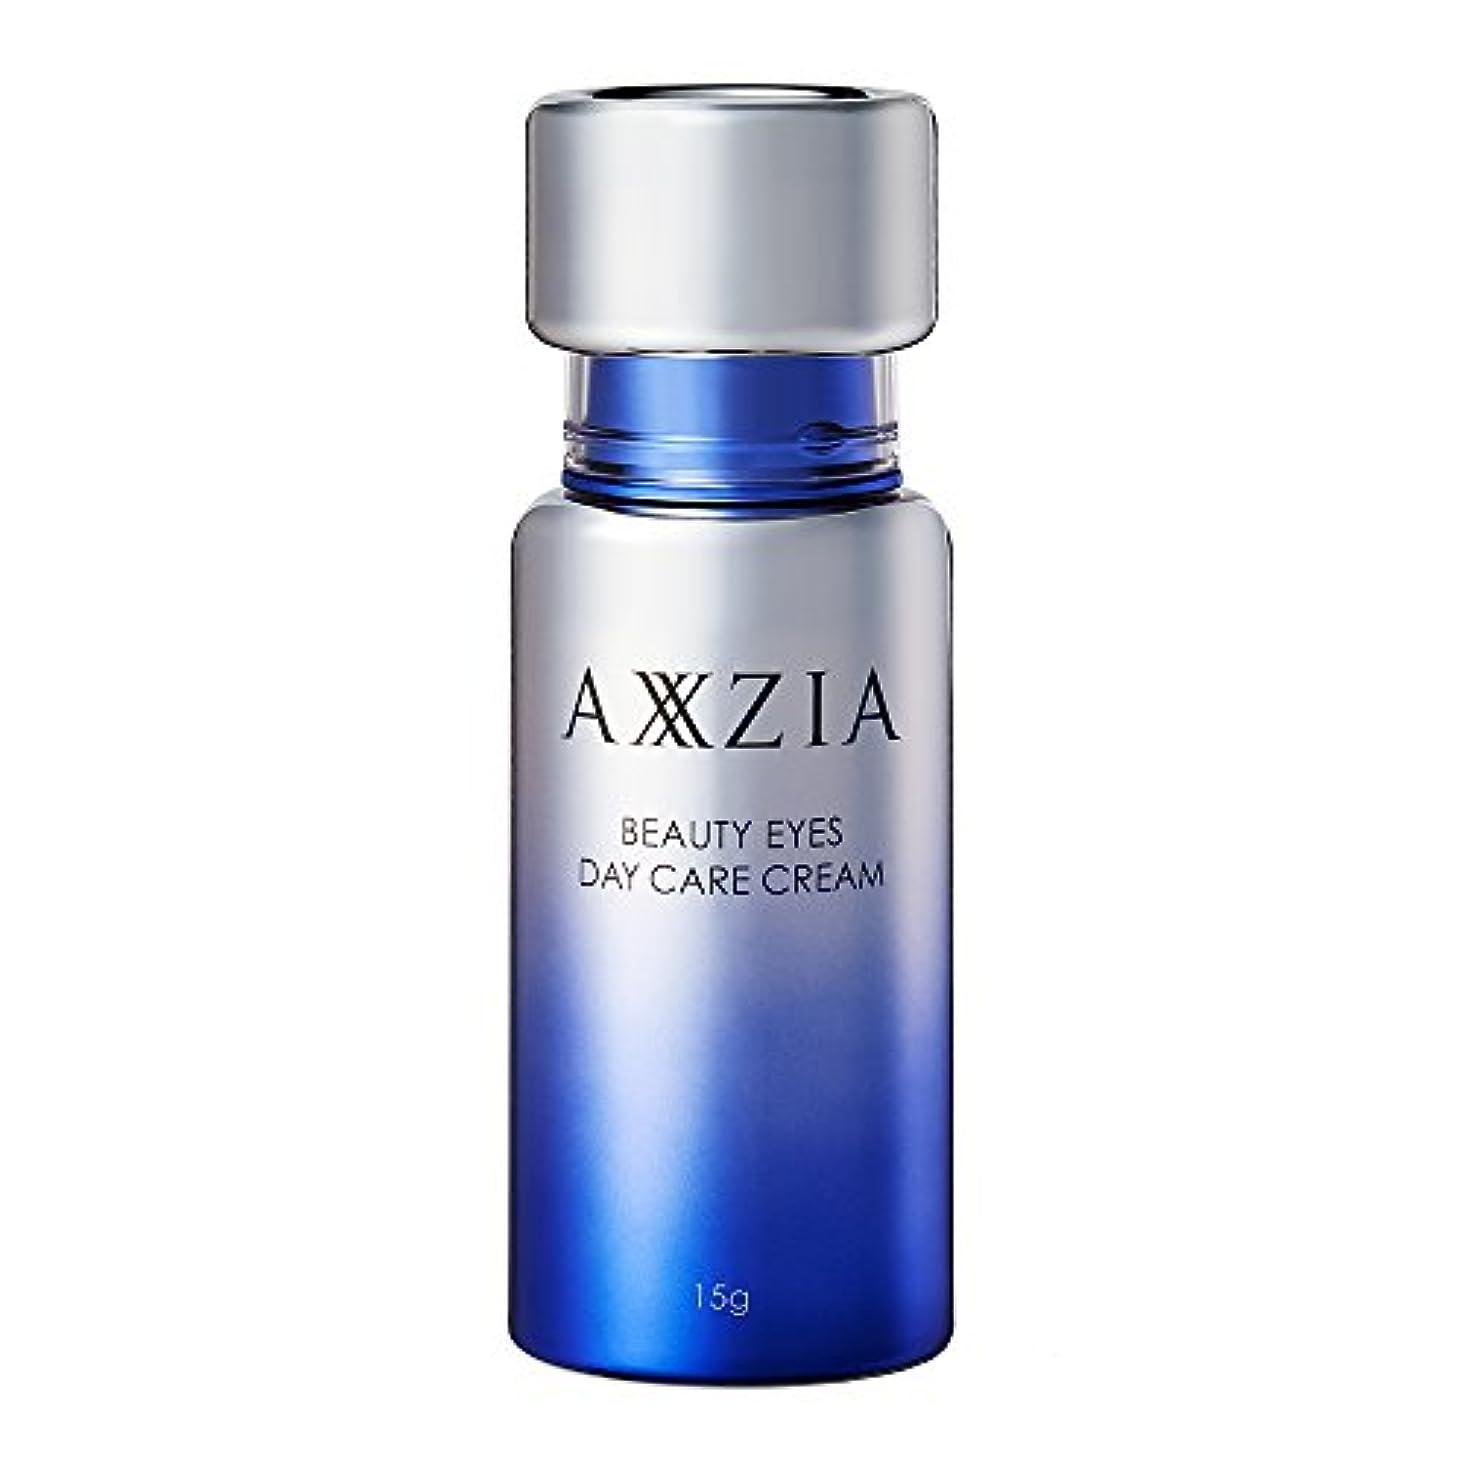 星いっぱいスティックアクシージア (AXXZIA) ビューティアイズ デイ ケア クリーム 15g